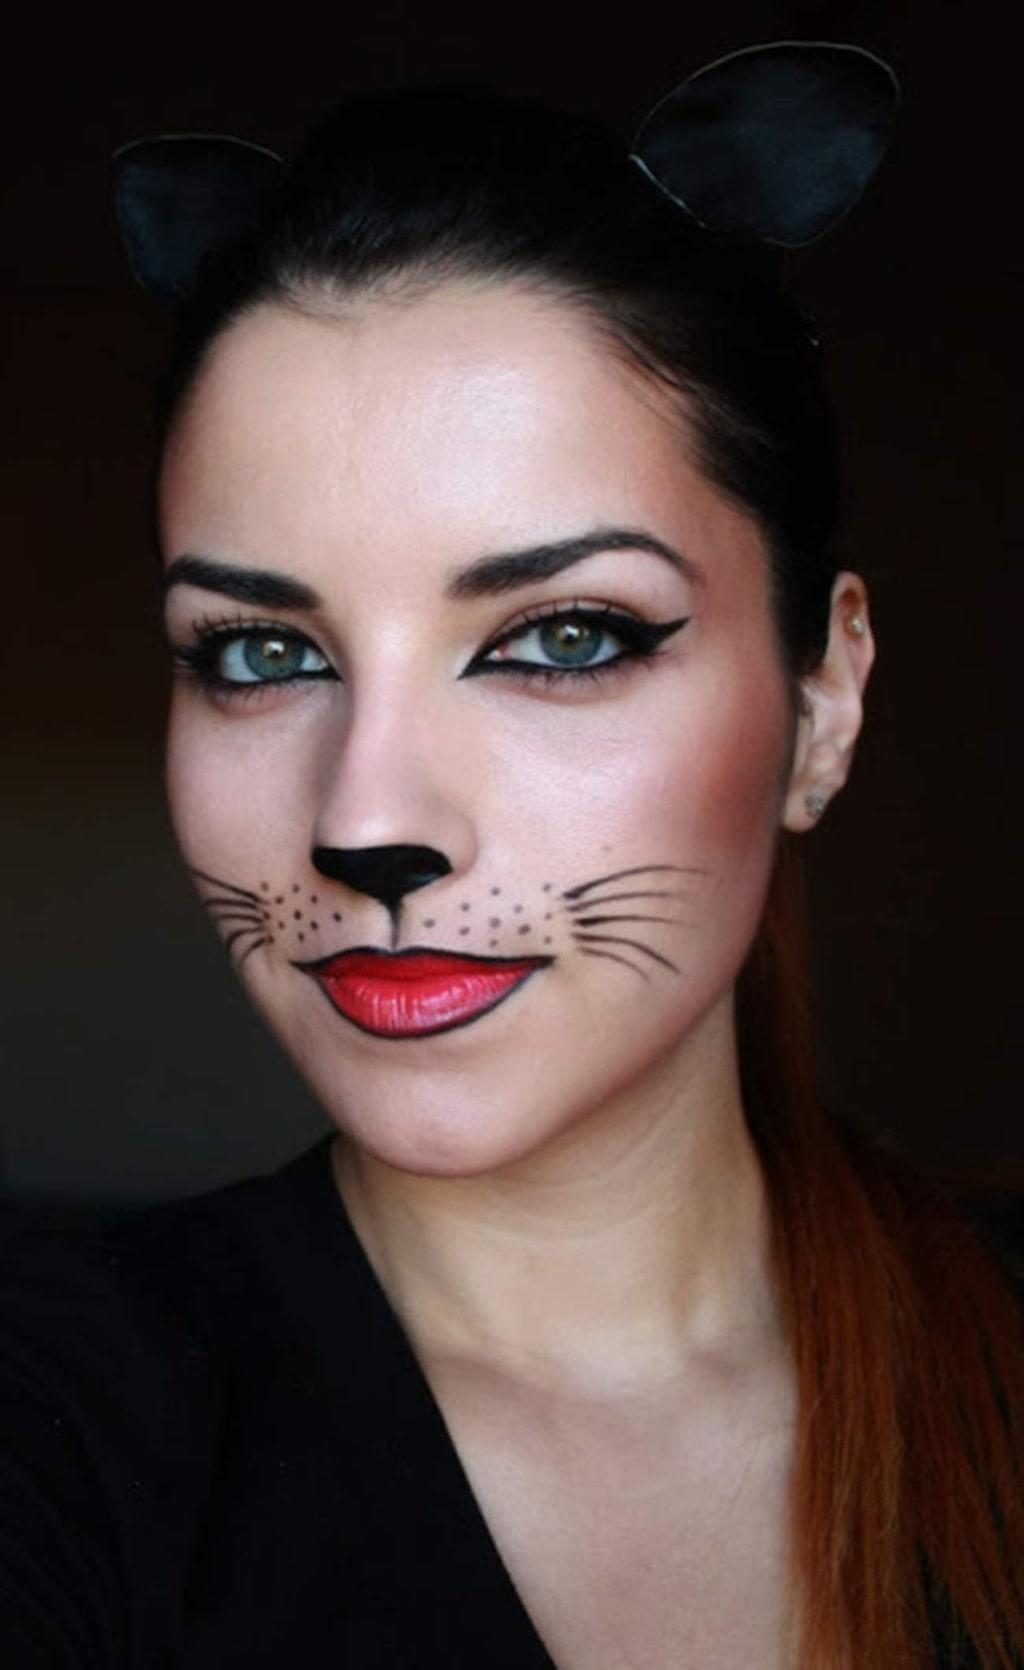 """<p><strong>KATTEN</strong><br>Klassisk look - och enkel att få till. Lägg gärna till ett riktigt rött läppstift för att få till kontrasterna.<br>Bild: <a href=""""http://deea-makeup.blogspot.se/2012/10/halloween-make-up-catwoman.html"""">Deea Make-up</a></p>"""